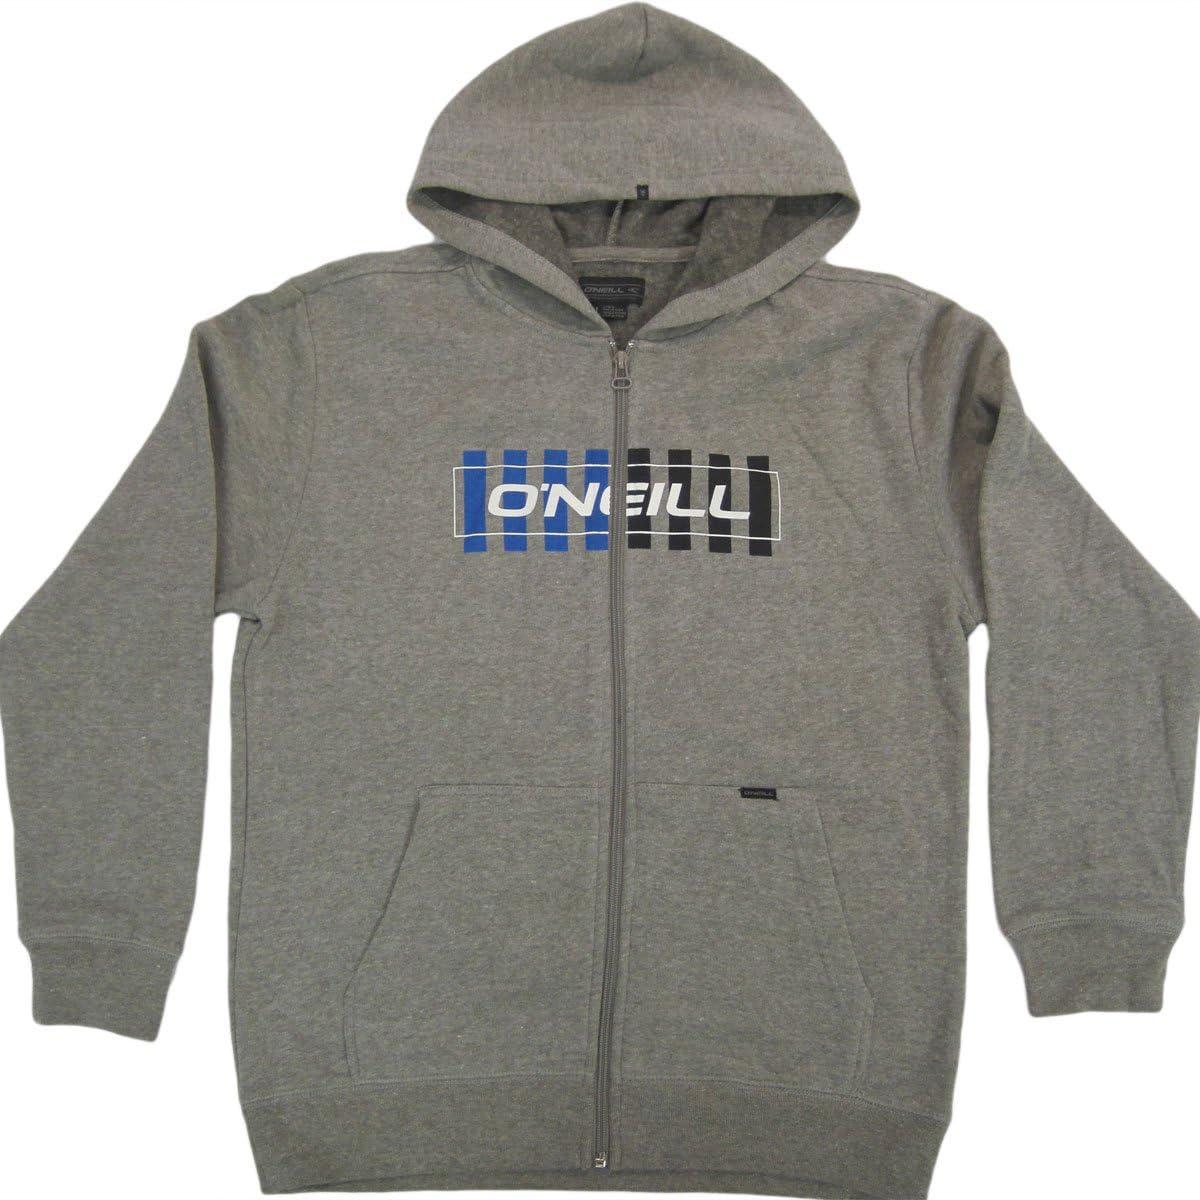 ONeill Boys Lima Hoody Zip Sweatshirt